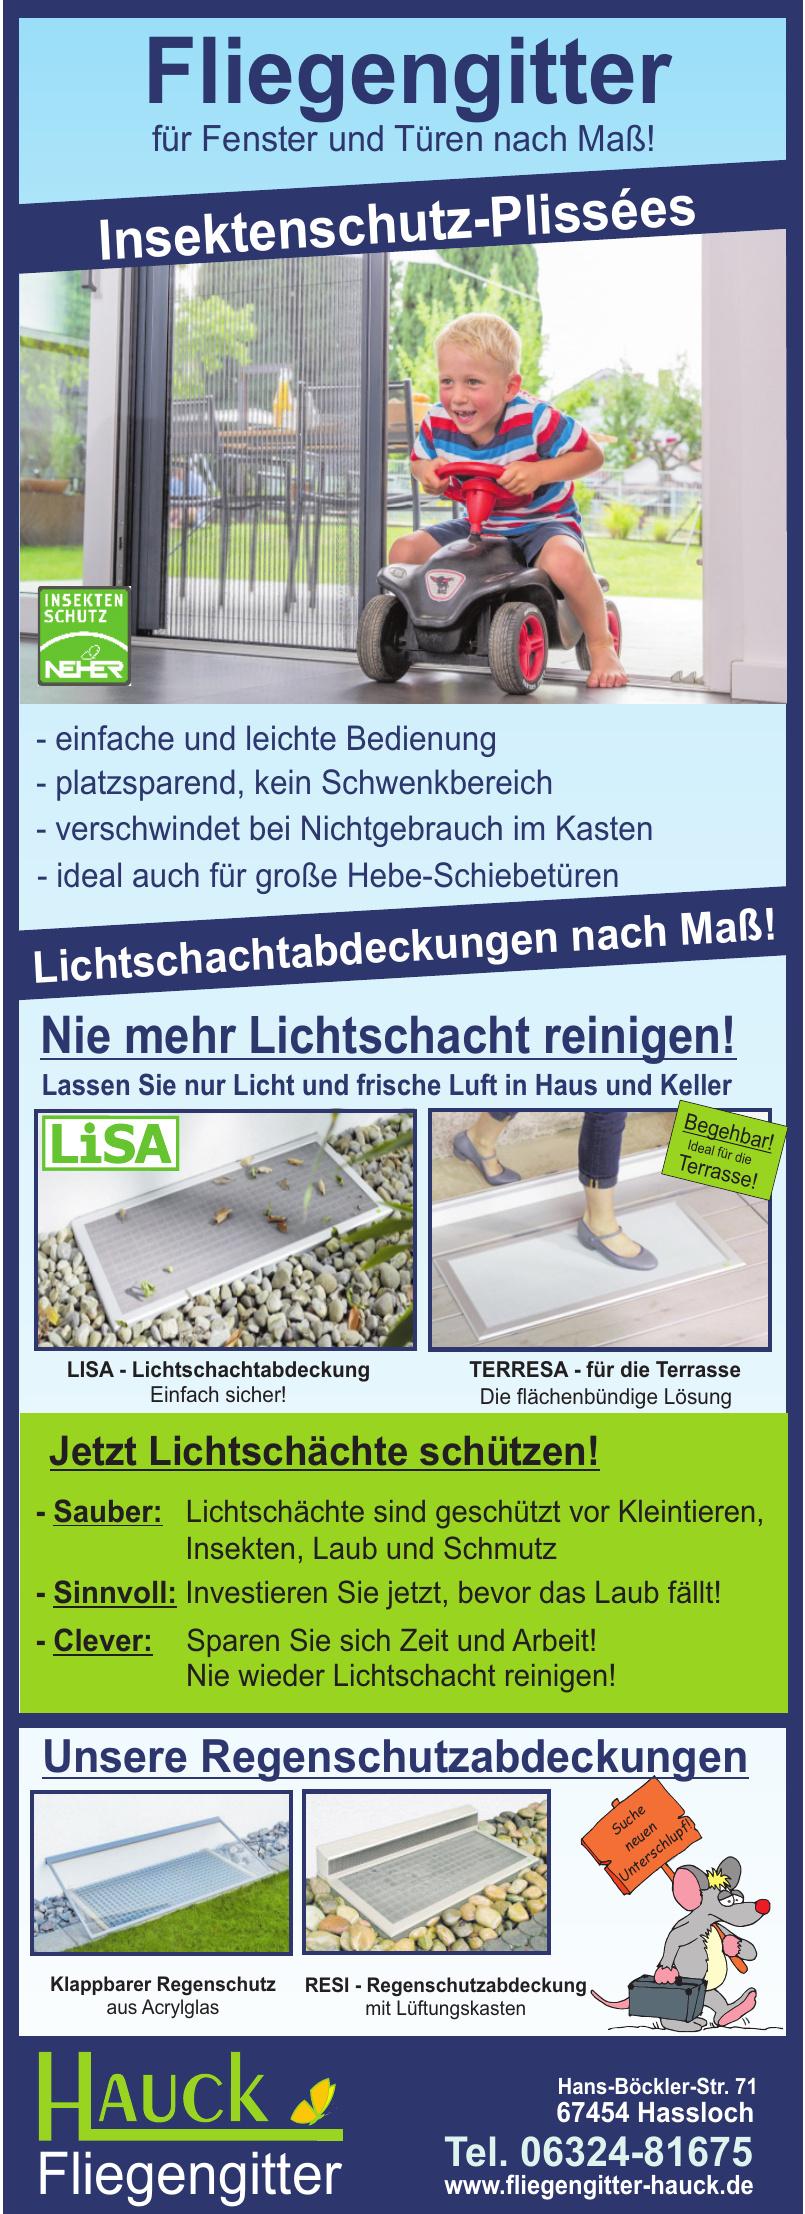 Martin Hauck Fliegengitter e.K.